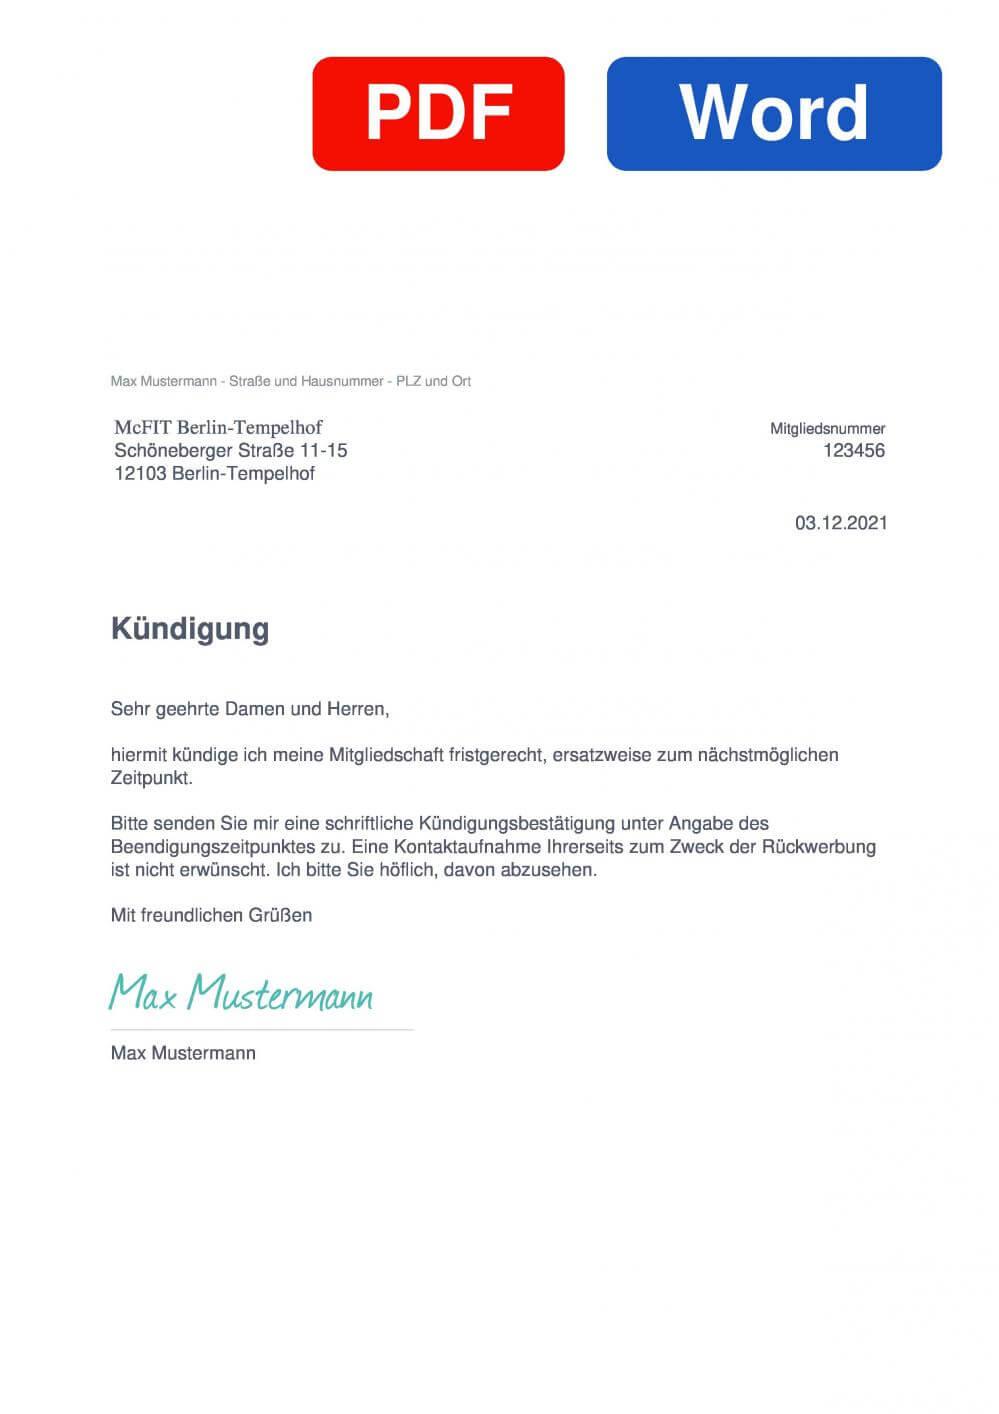 McFIT Berlin-Tempelhof Muster Vorlage für Kündigungsschreiben